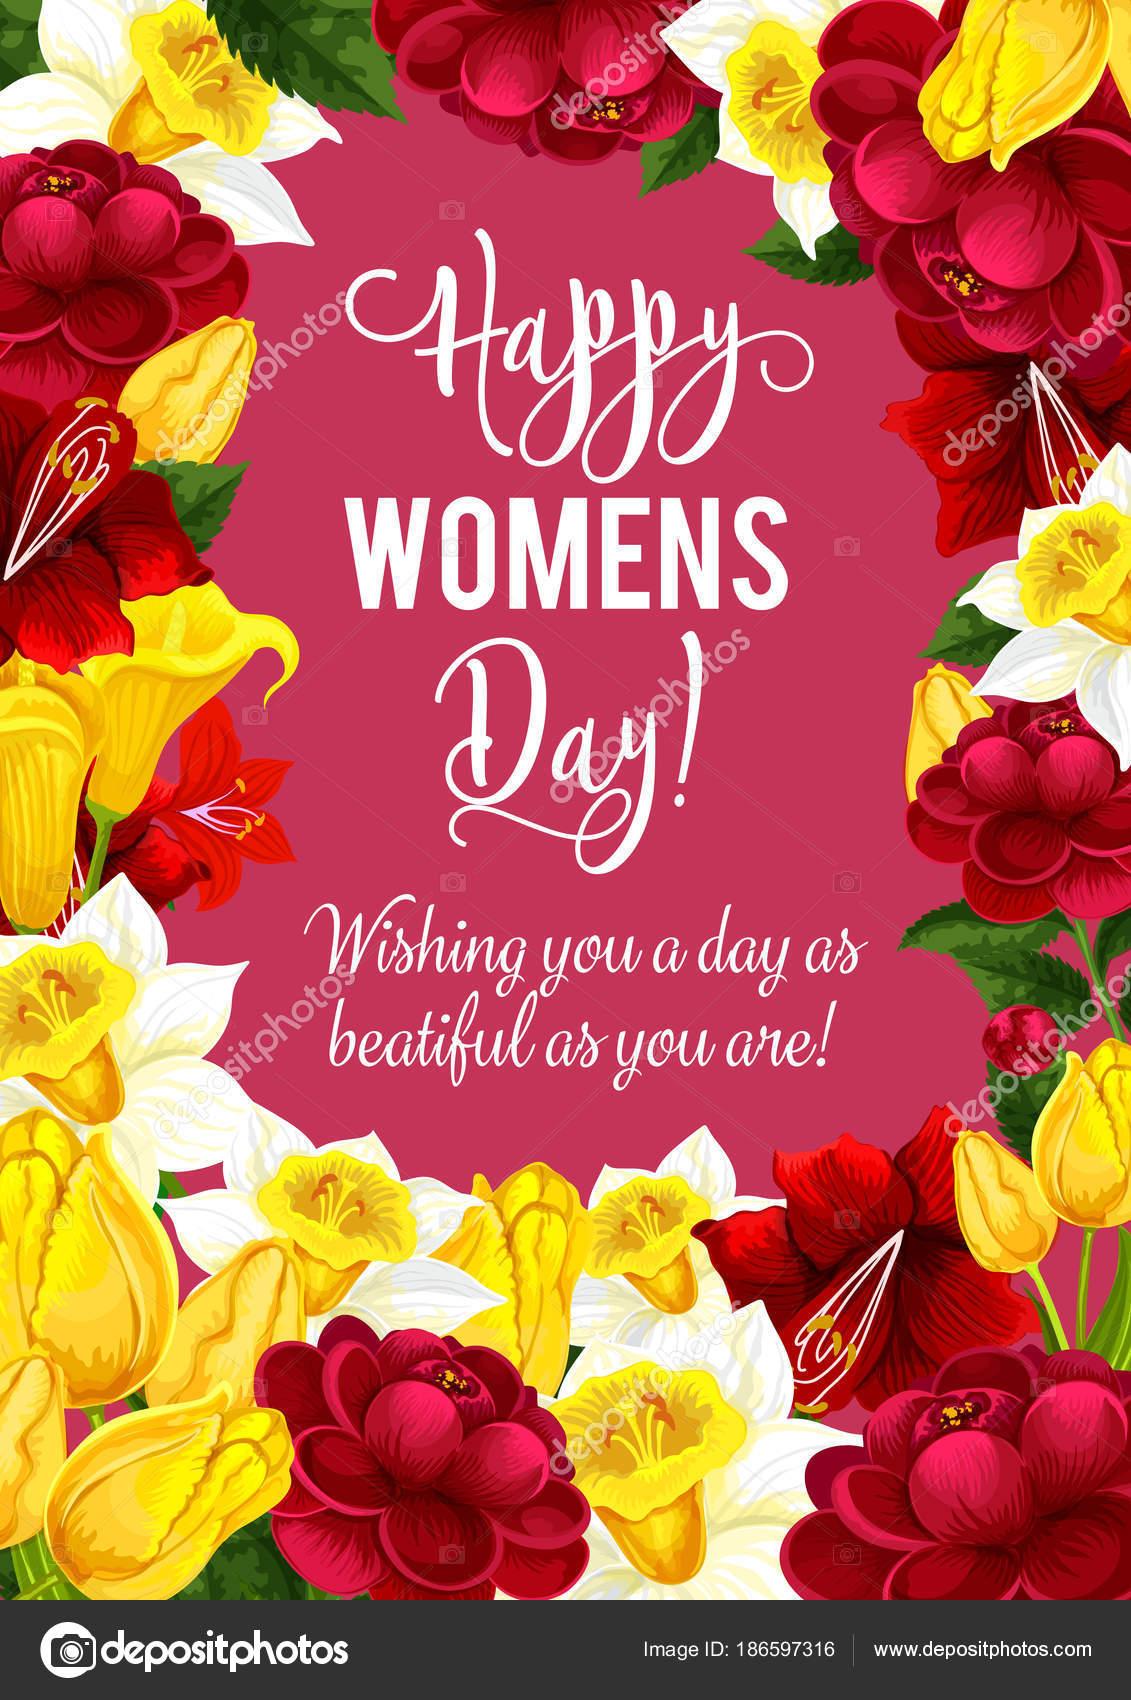 Праздничная открытка для женщин с 54